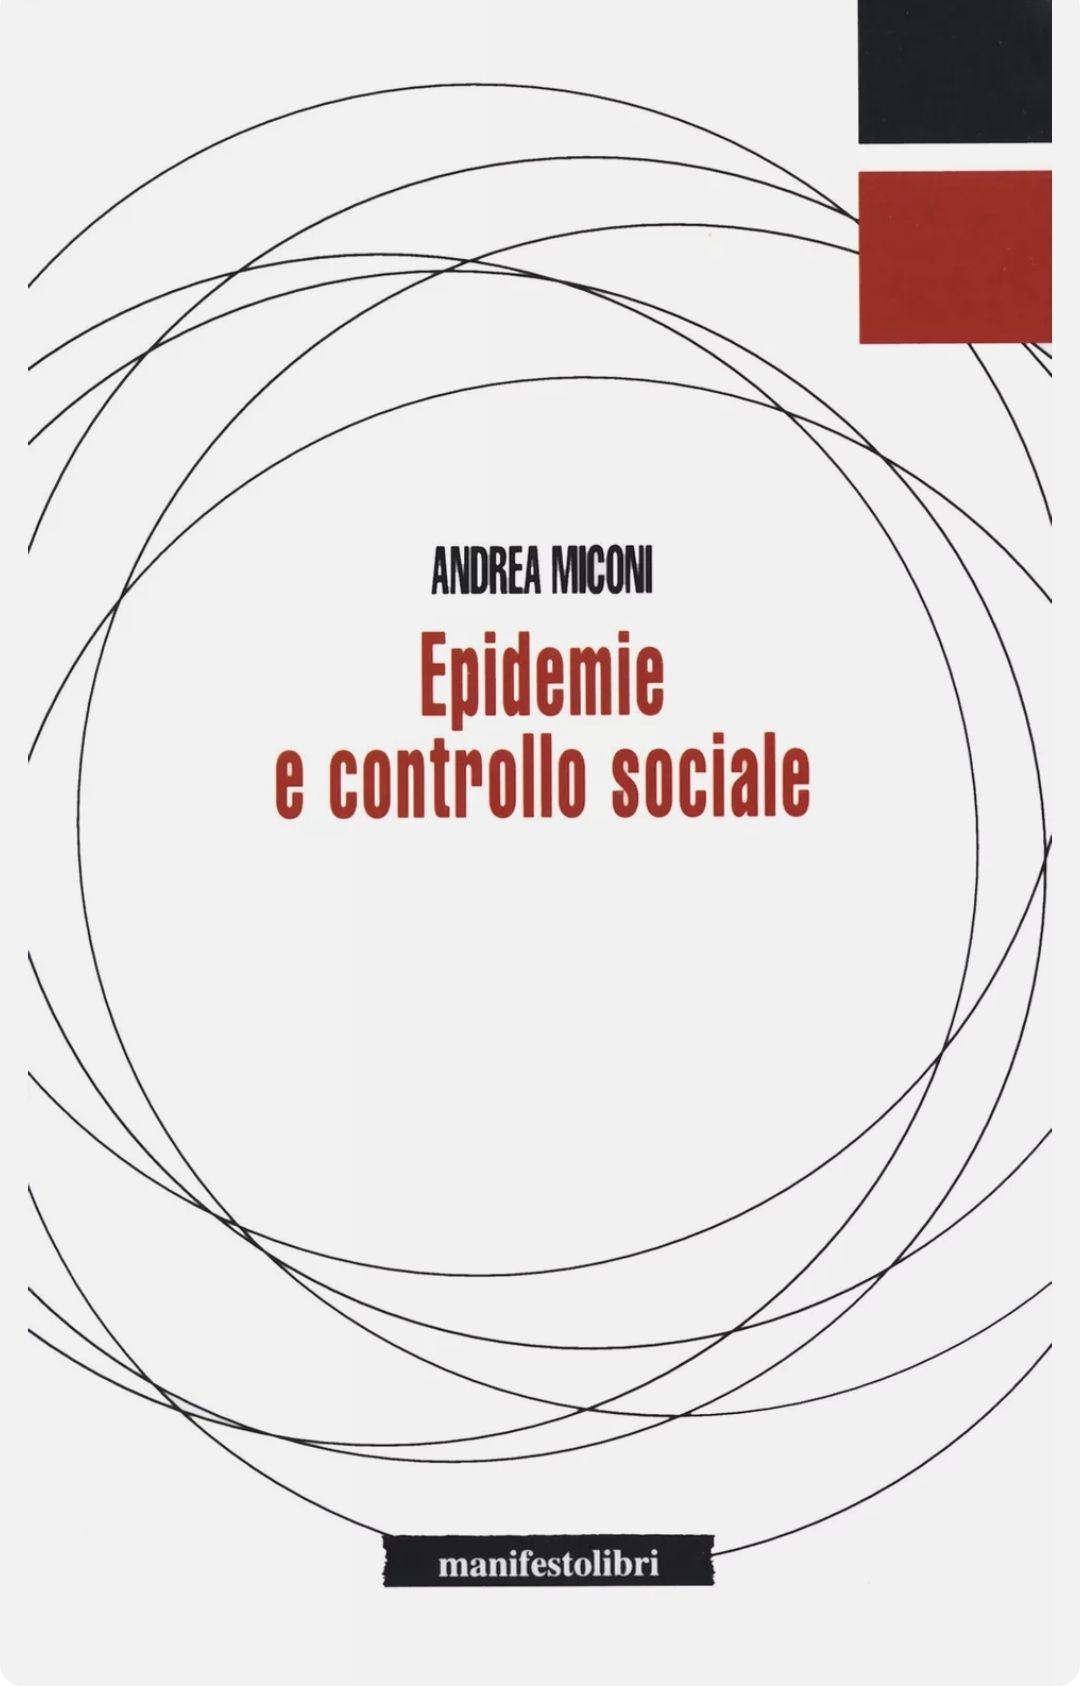 Epidemie e controllo sociale – Miconi Andrea. Raro, ricercato, attualissimo. A 9.50 €